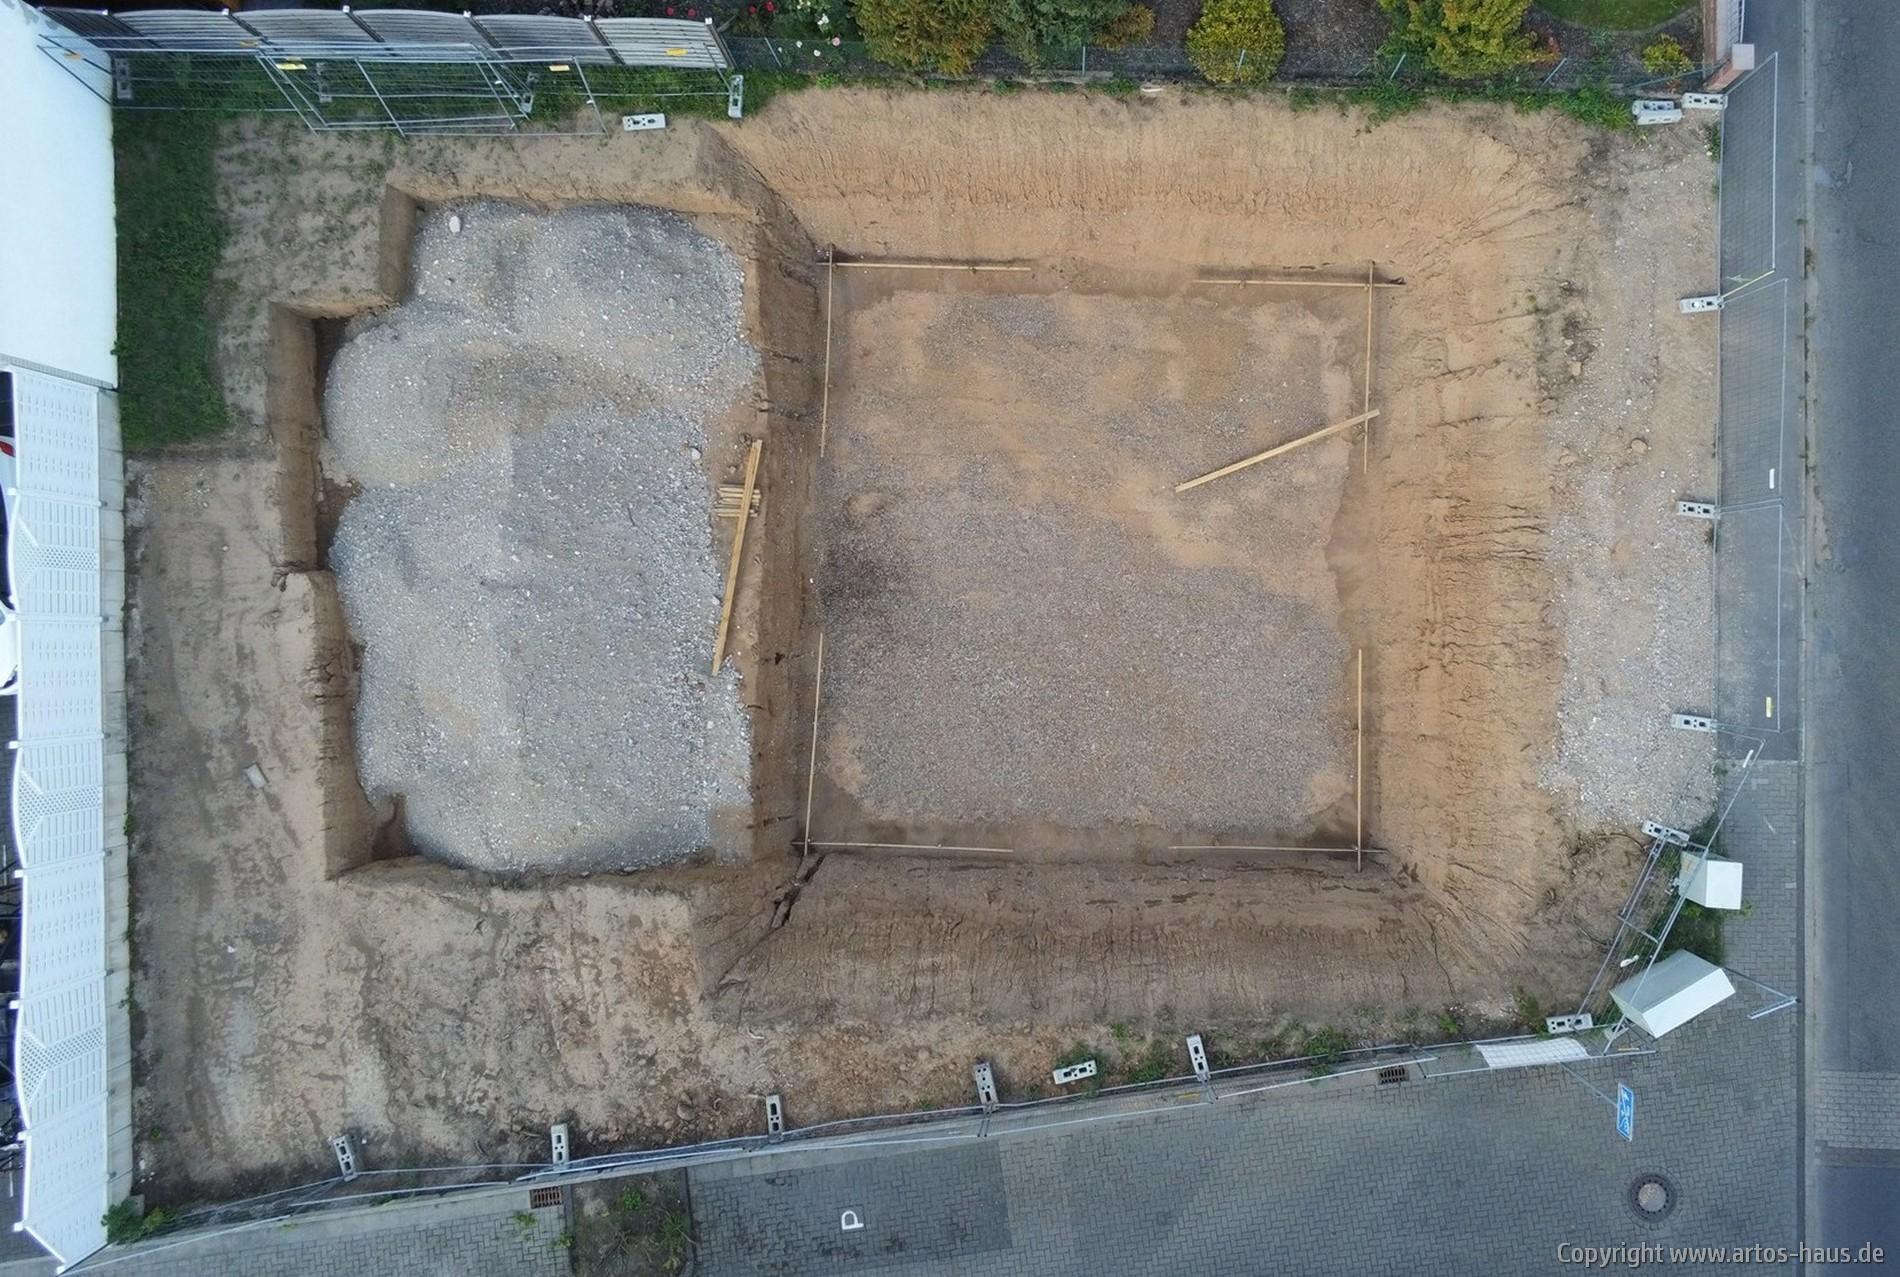 Luftbild der Baustelle | ARTOS-HAUS